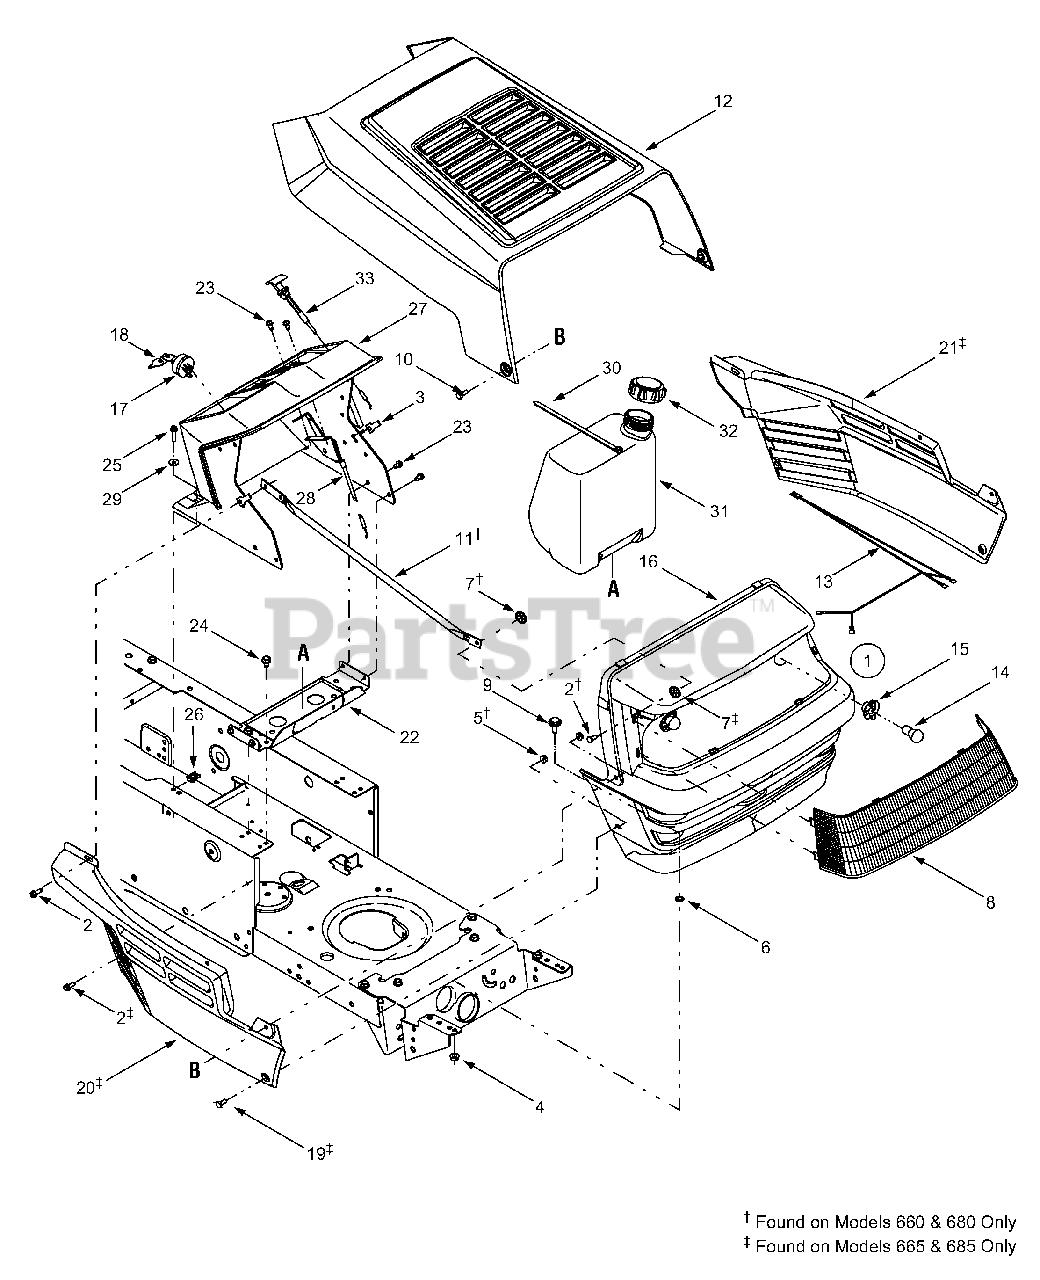 Huskee 13bm660f131